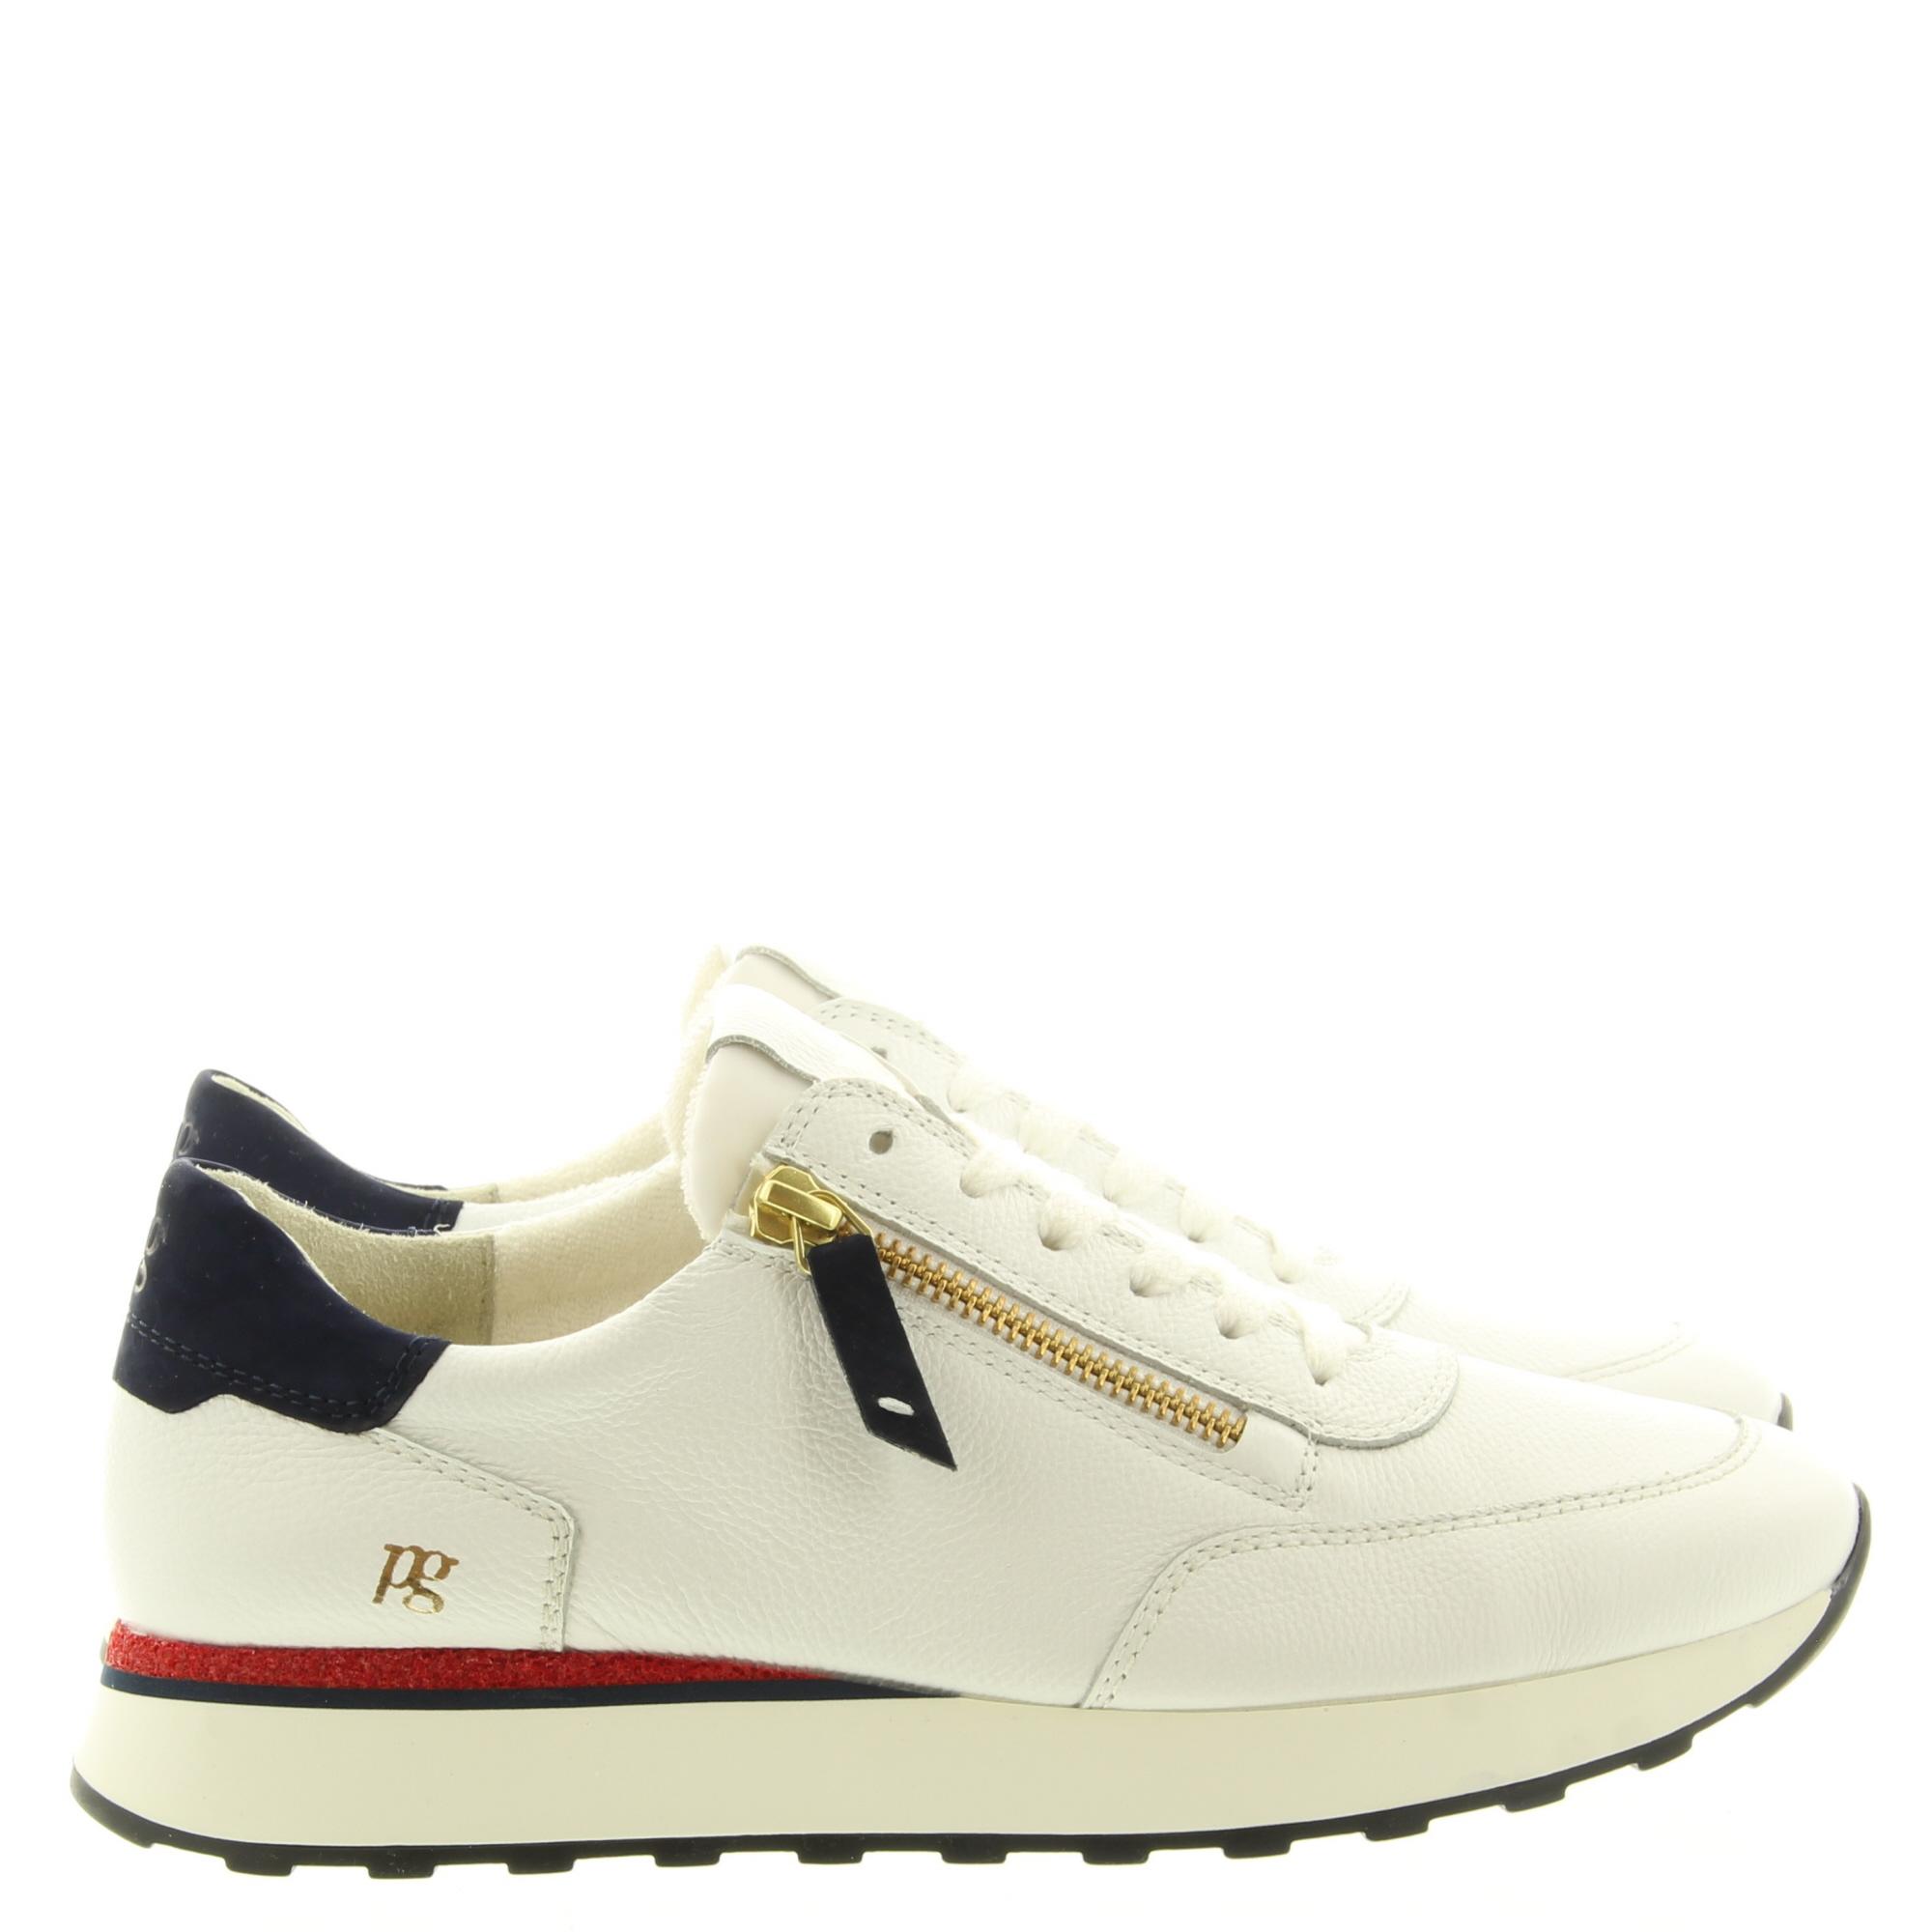 Paul Green 4980 008 White Saphir